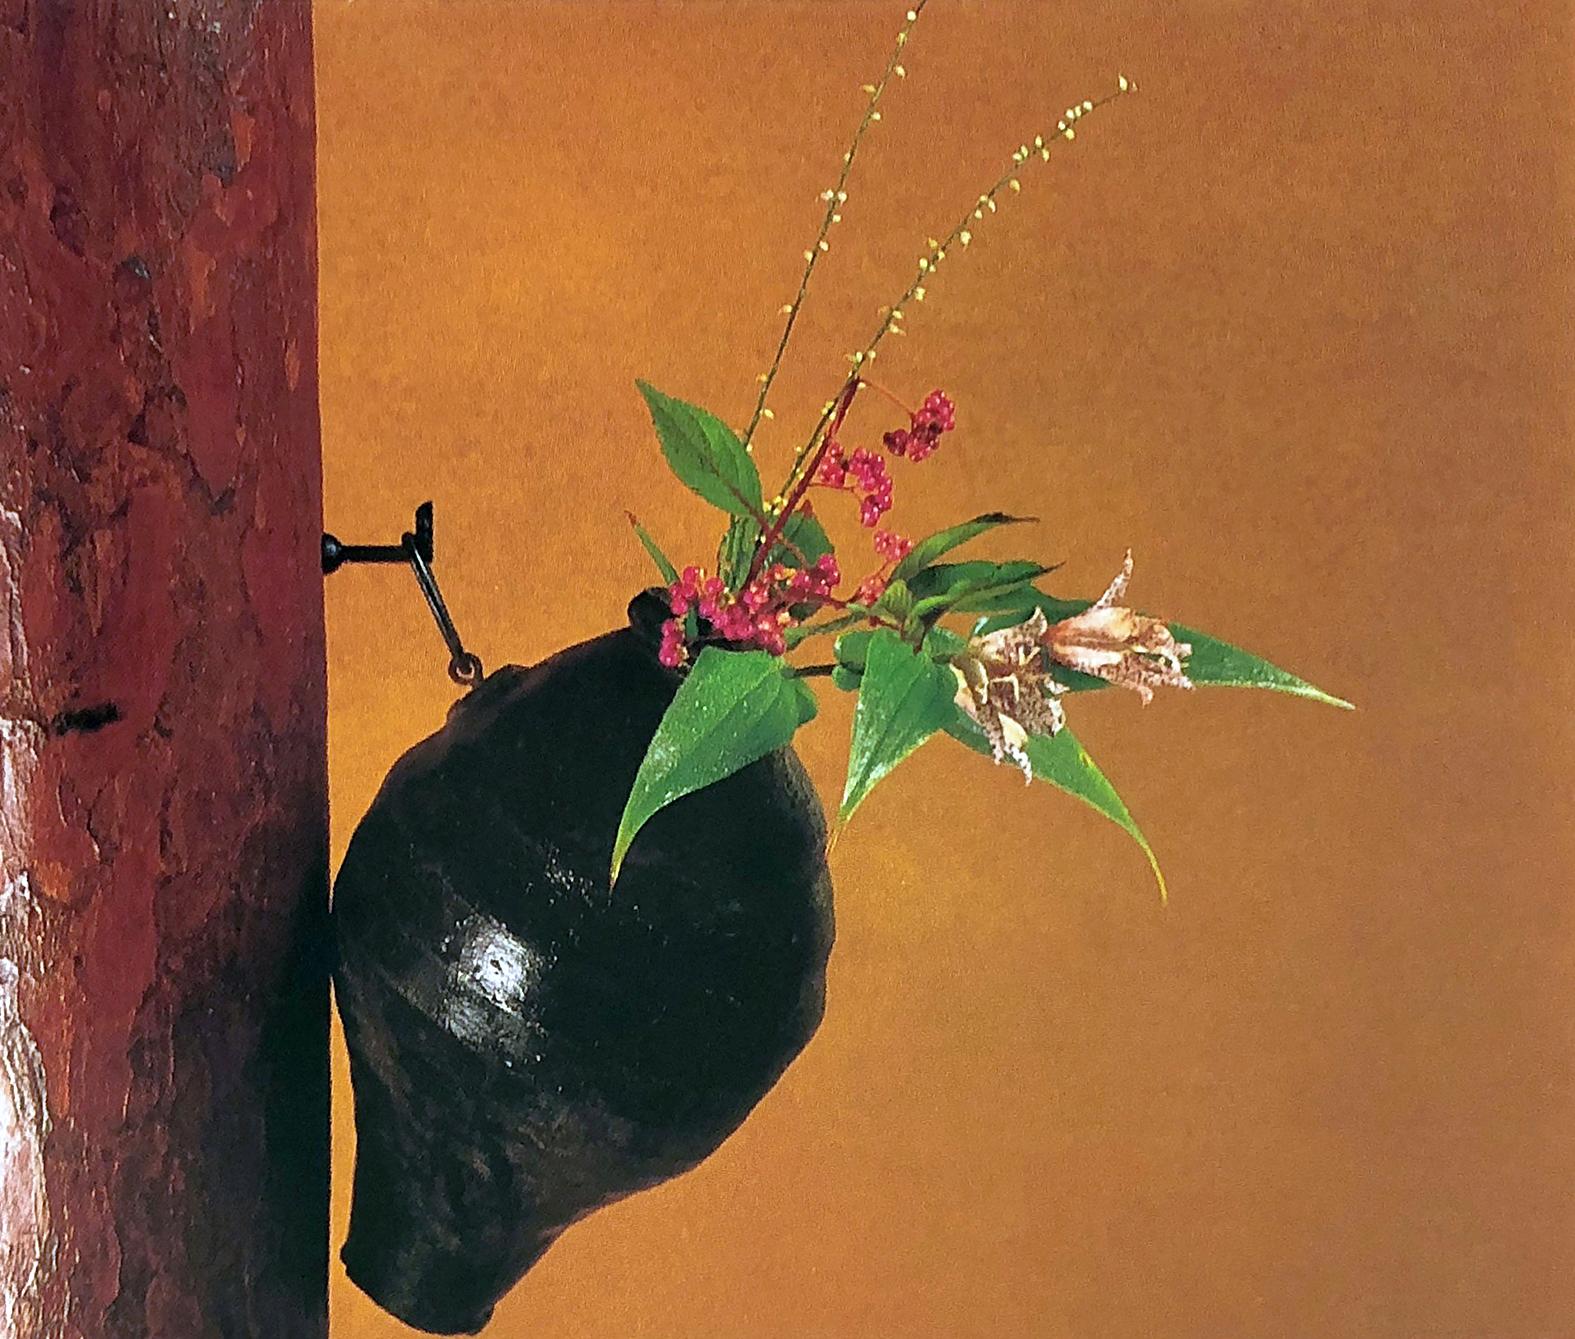 【今月の茶花】令和2年10月の茶花